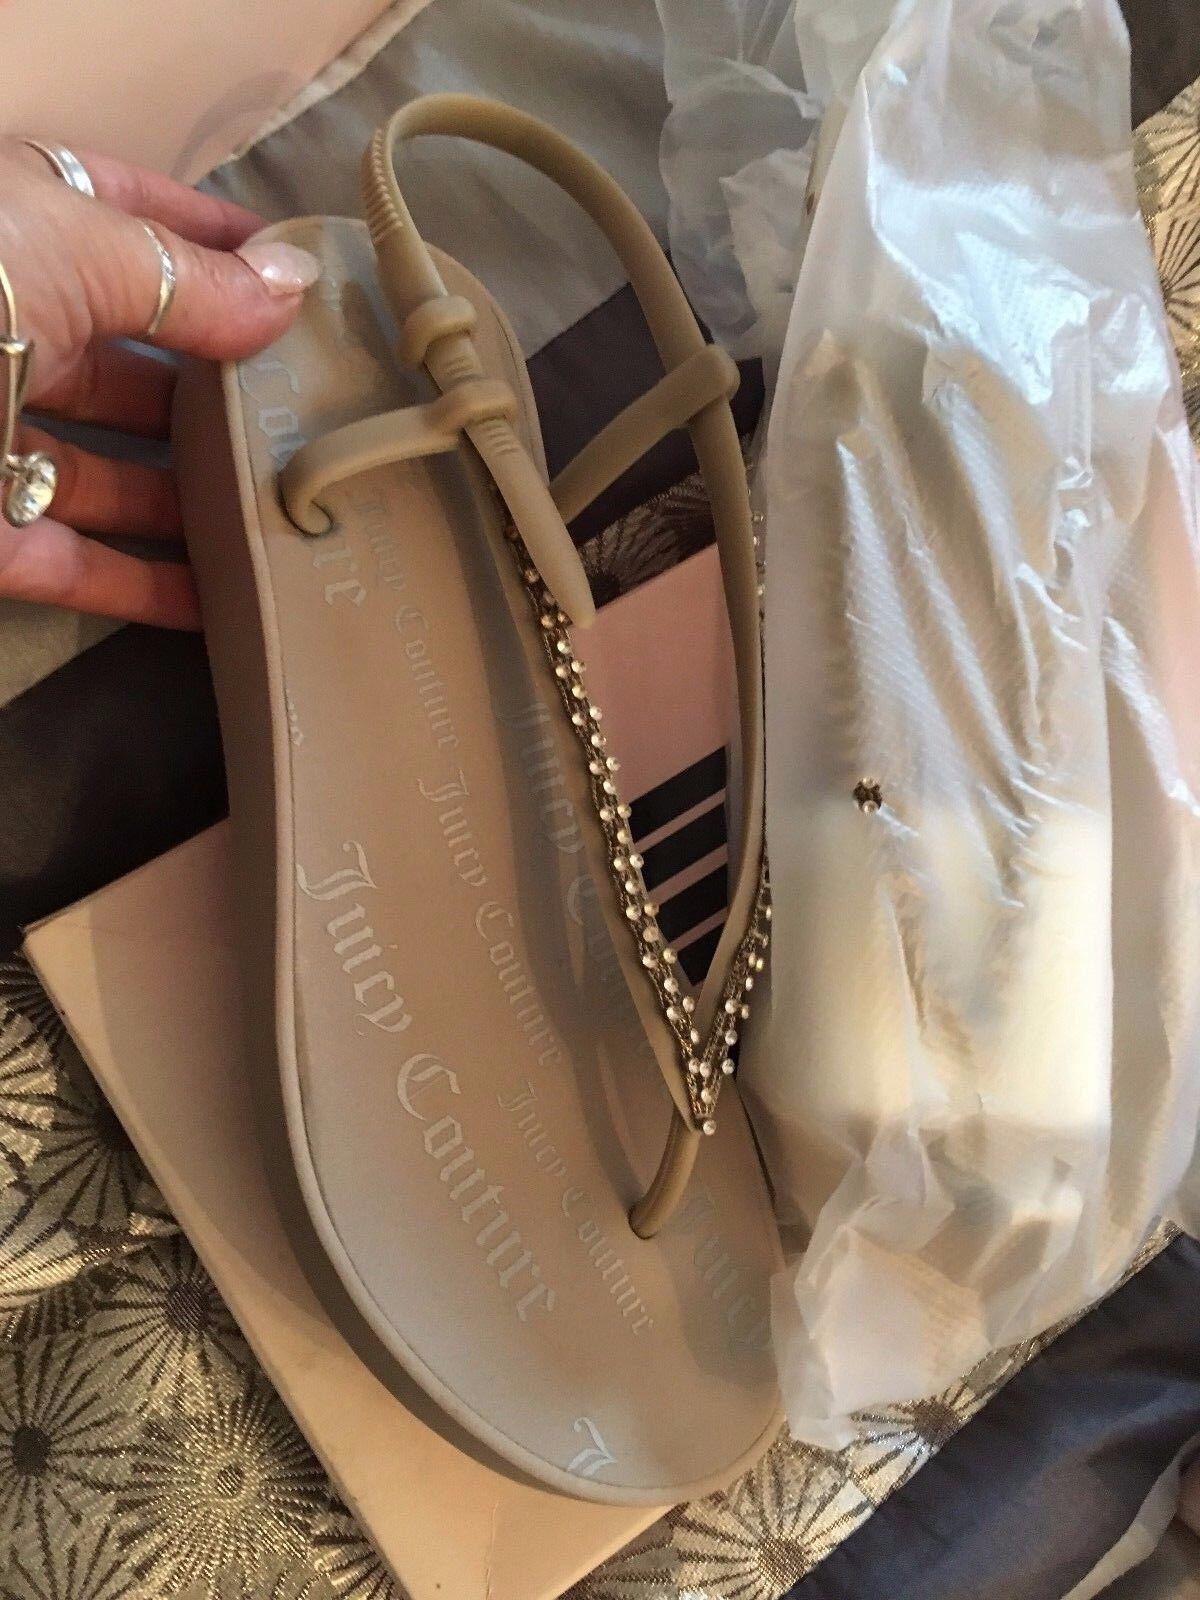 Las Nuevas Señoras Plata Sandalias De Cuña Diamante Juicy Couture UK Size 40 Nuevo Y En Caja